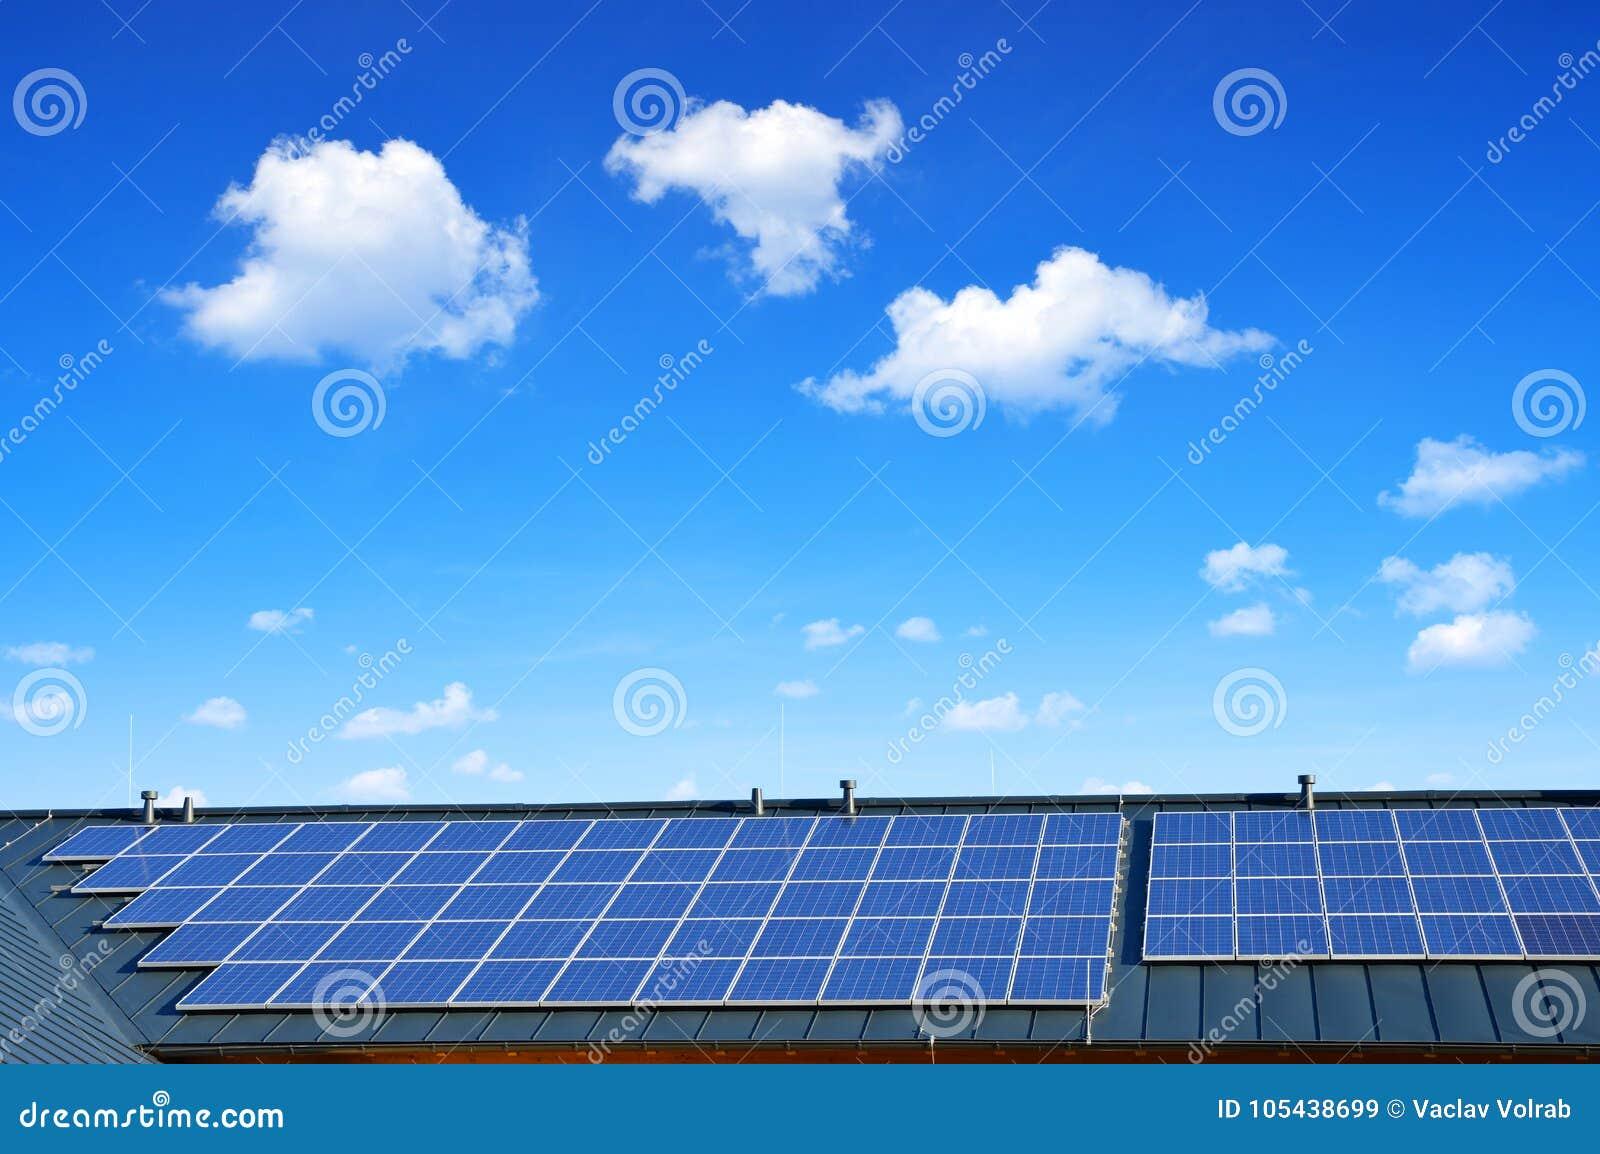 Επιτροπή ηλιακής ενέργειας στη στέγη του σπιτιού στο μπλε ουρανό υποβάθρου